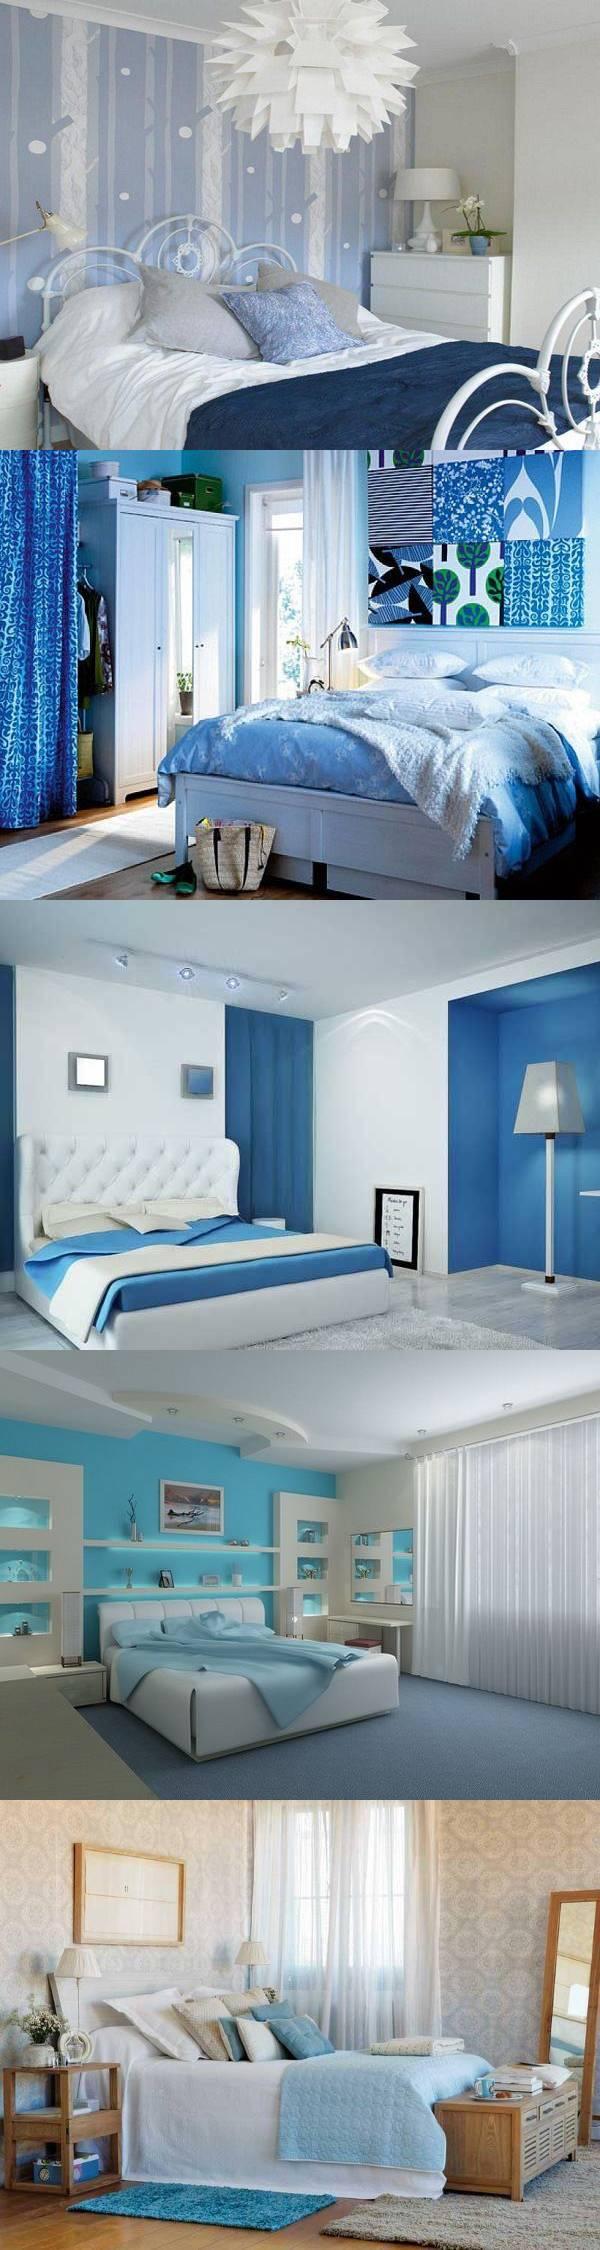 Голубой цвет в интерьере спальни — 26 идей